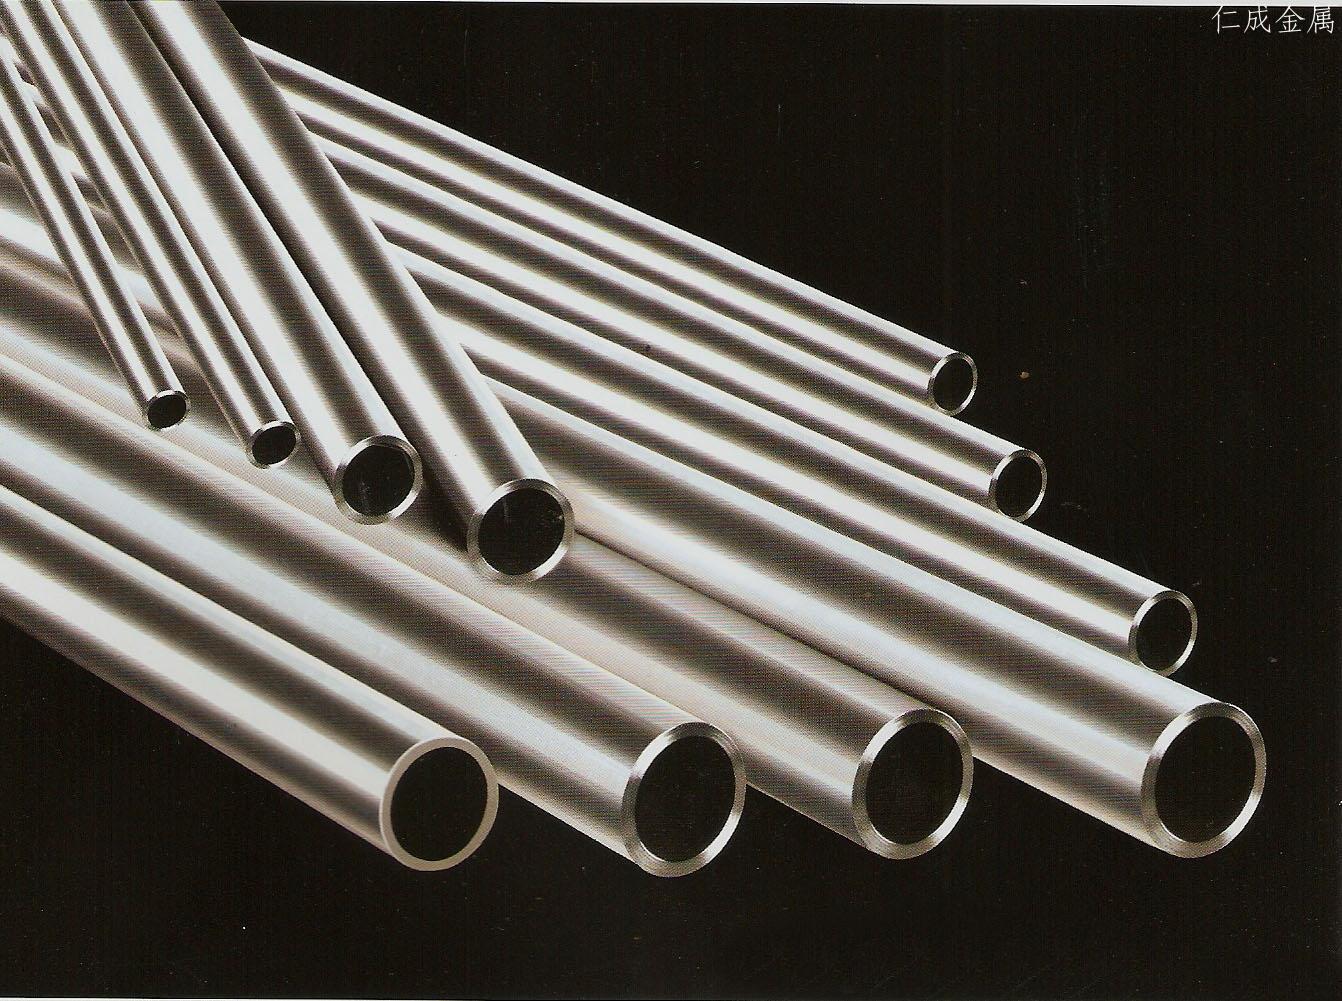 常州仁成金属生产 高精度精密钢管